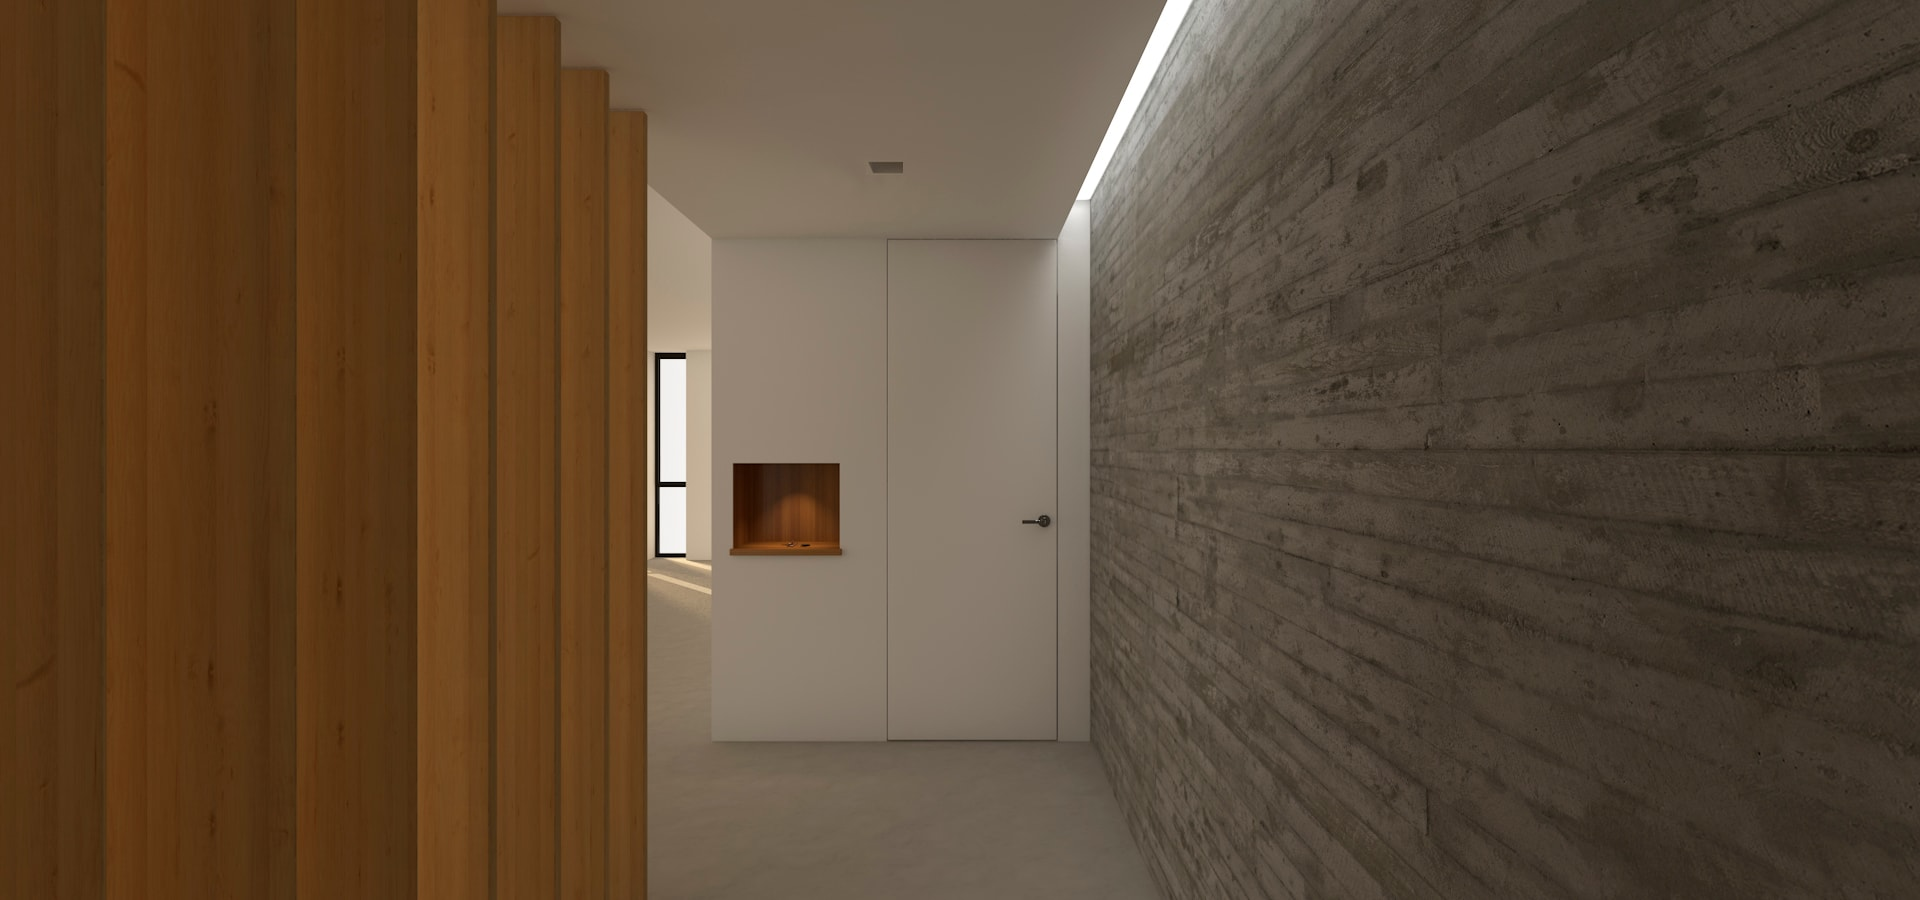 A2 arquitectura interior